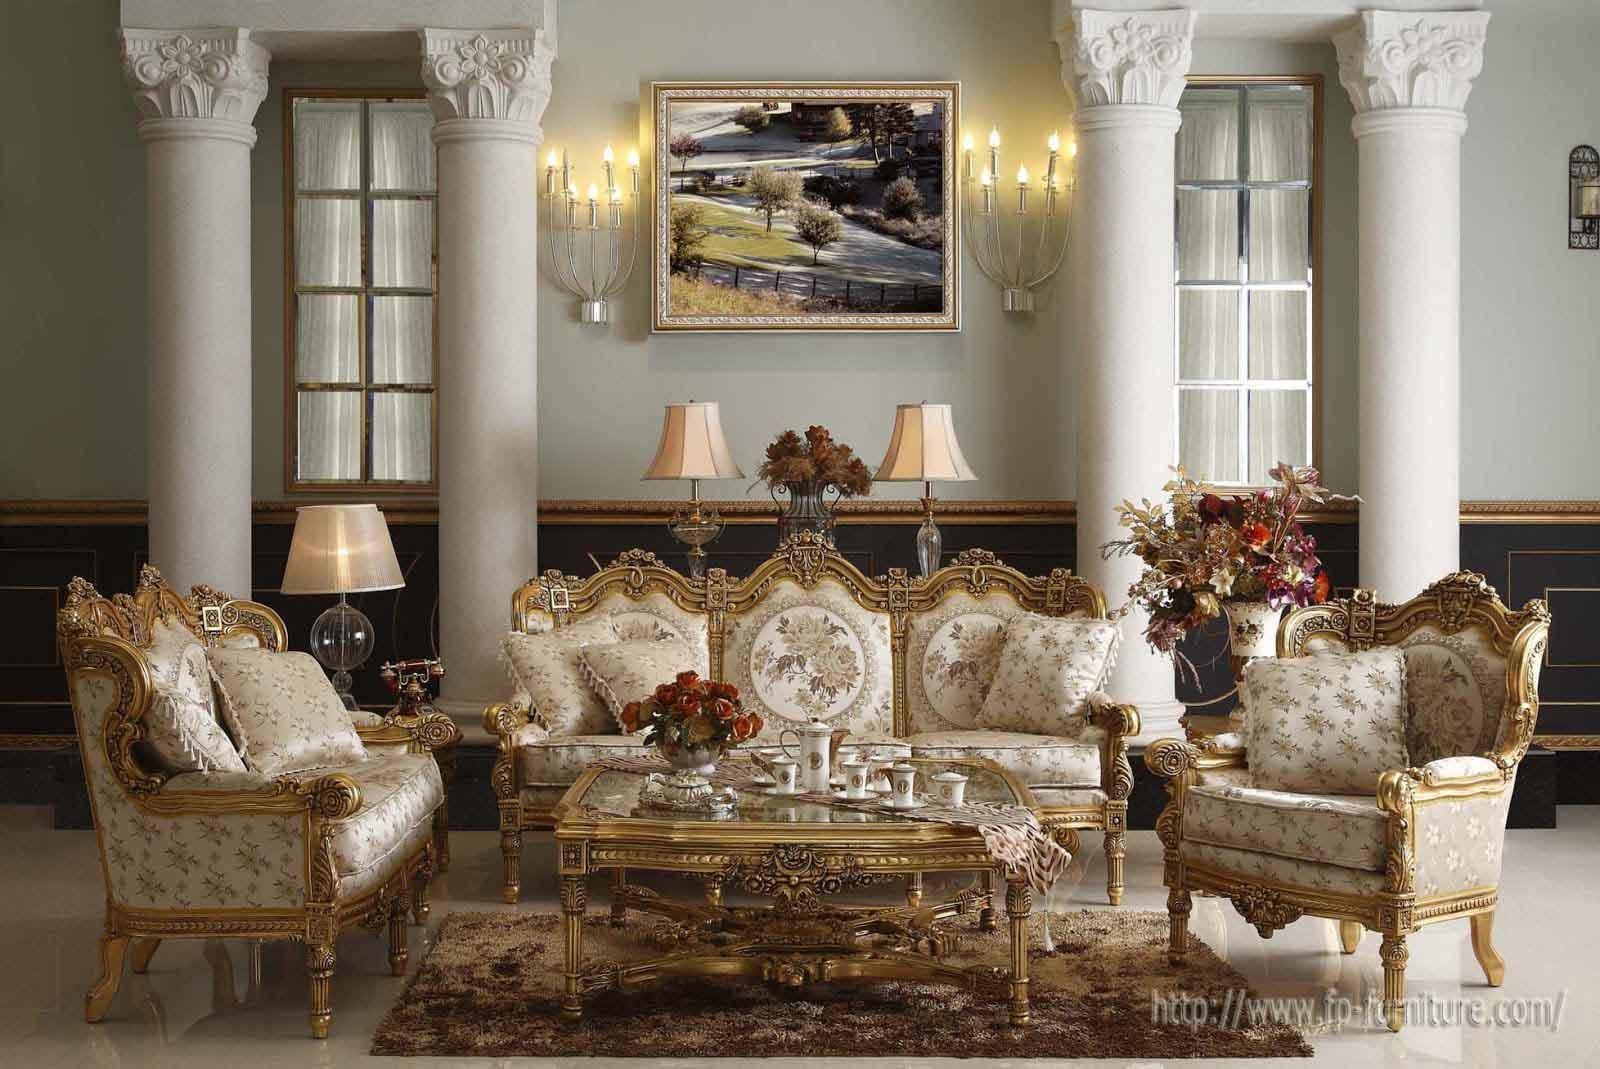 سبک دکوراسیون کلاسیک با مبلمان استیل طلایی از با کیفیت ترین چوب